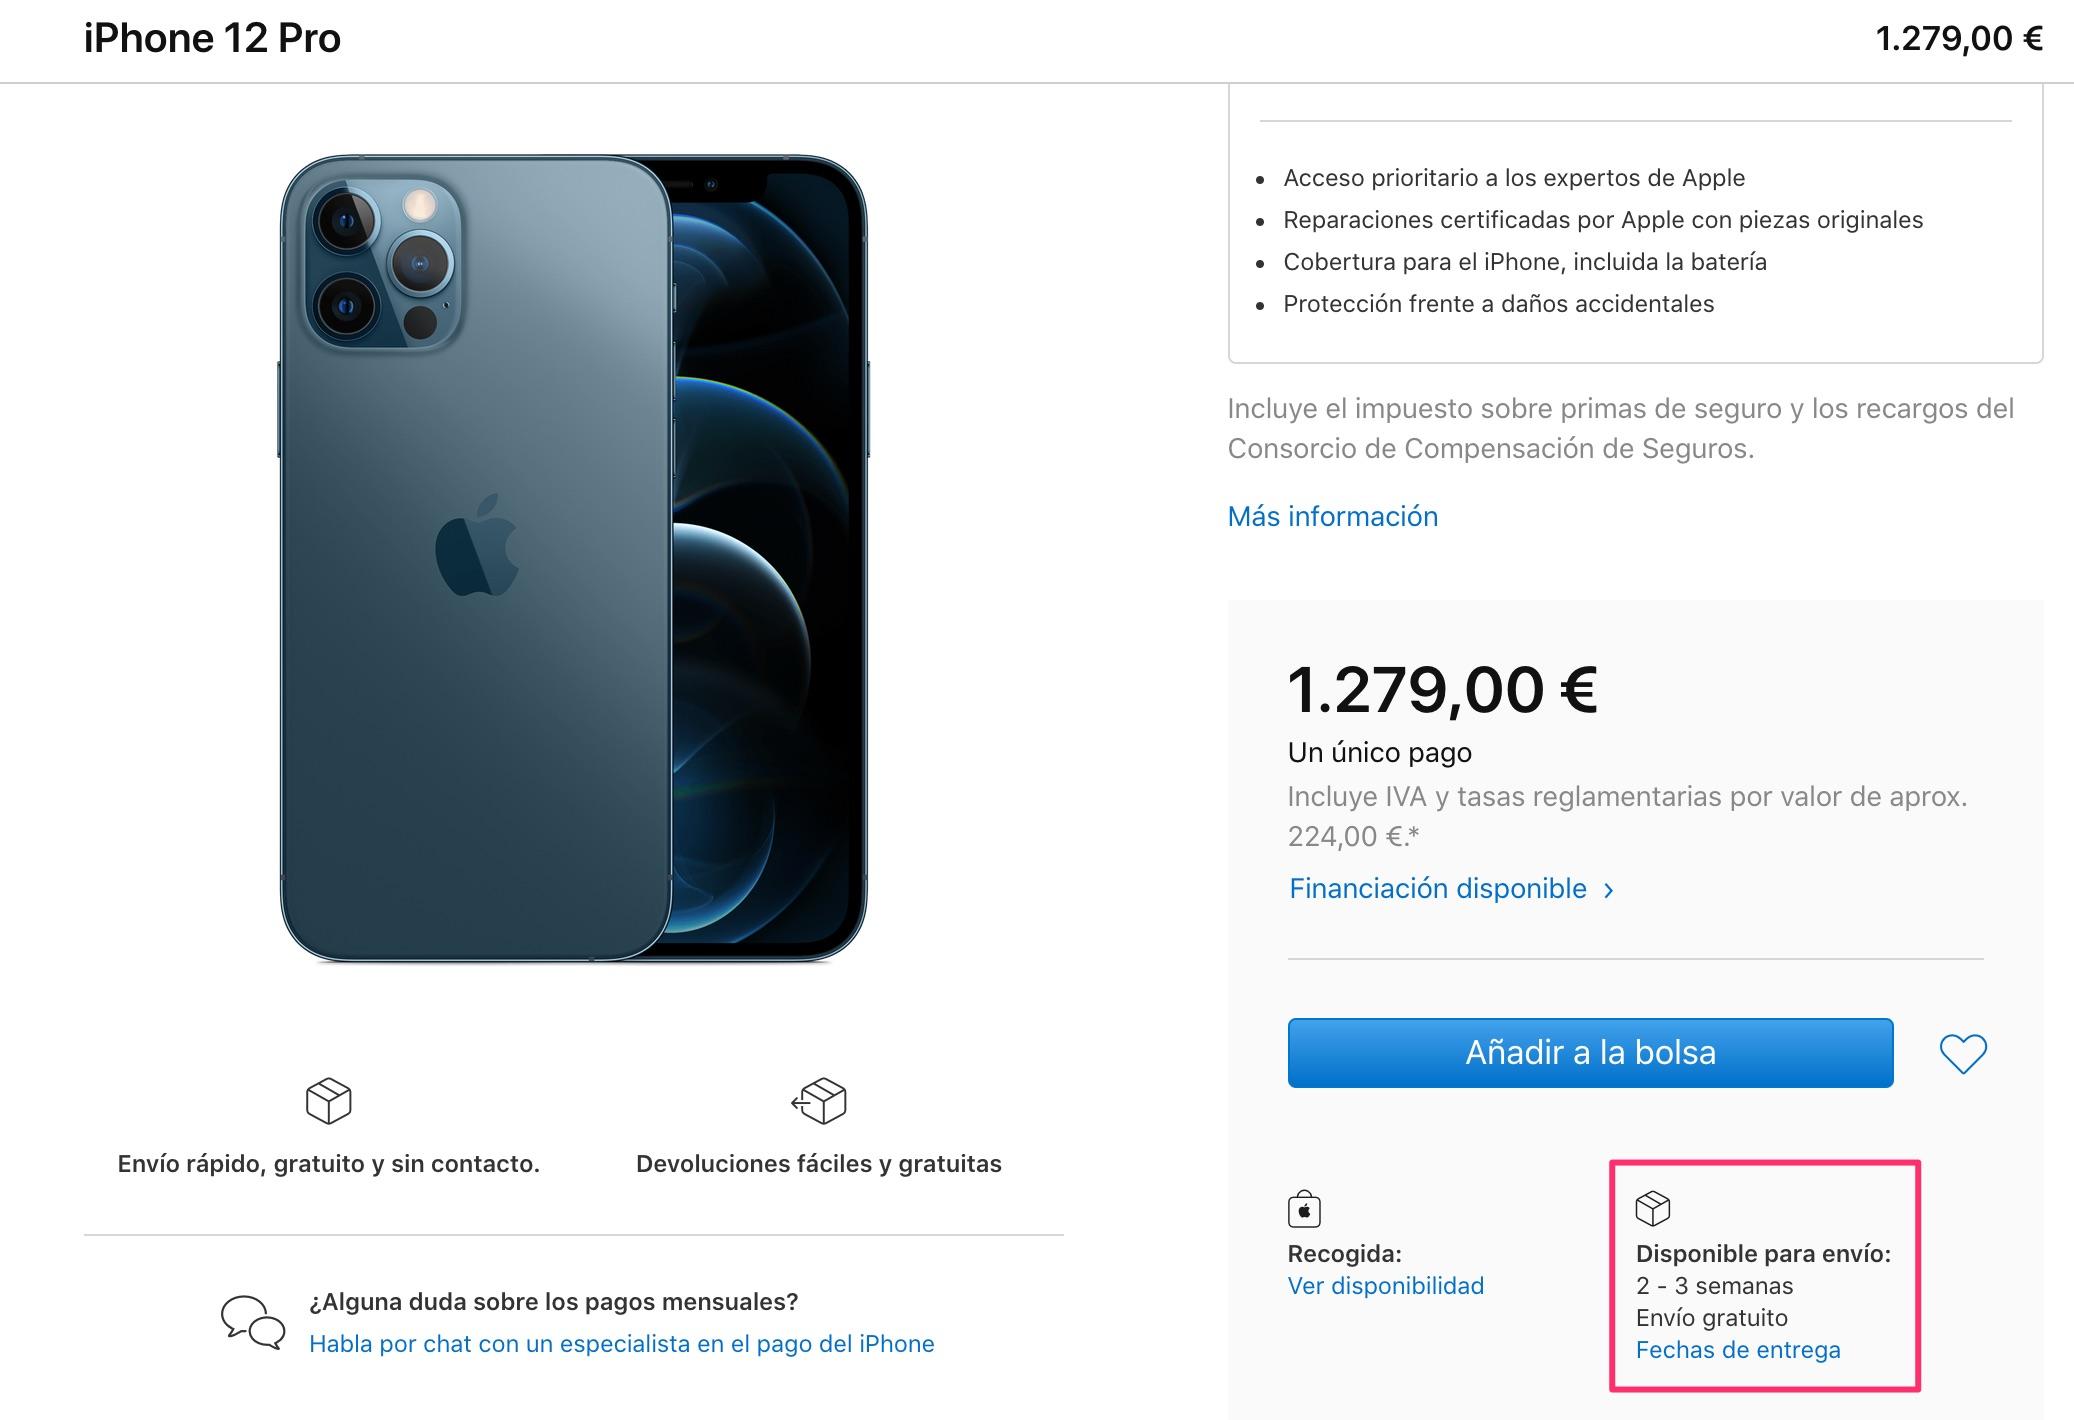 2 o 3 semanas de espera para el iPhone 12 Pro azul